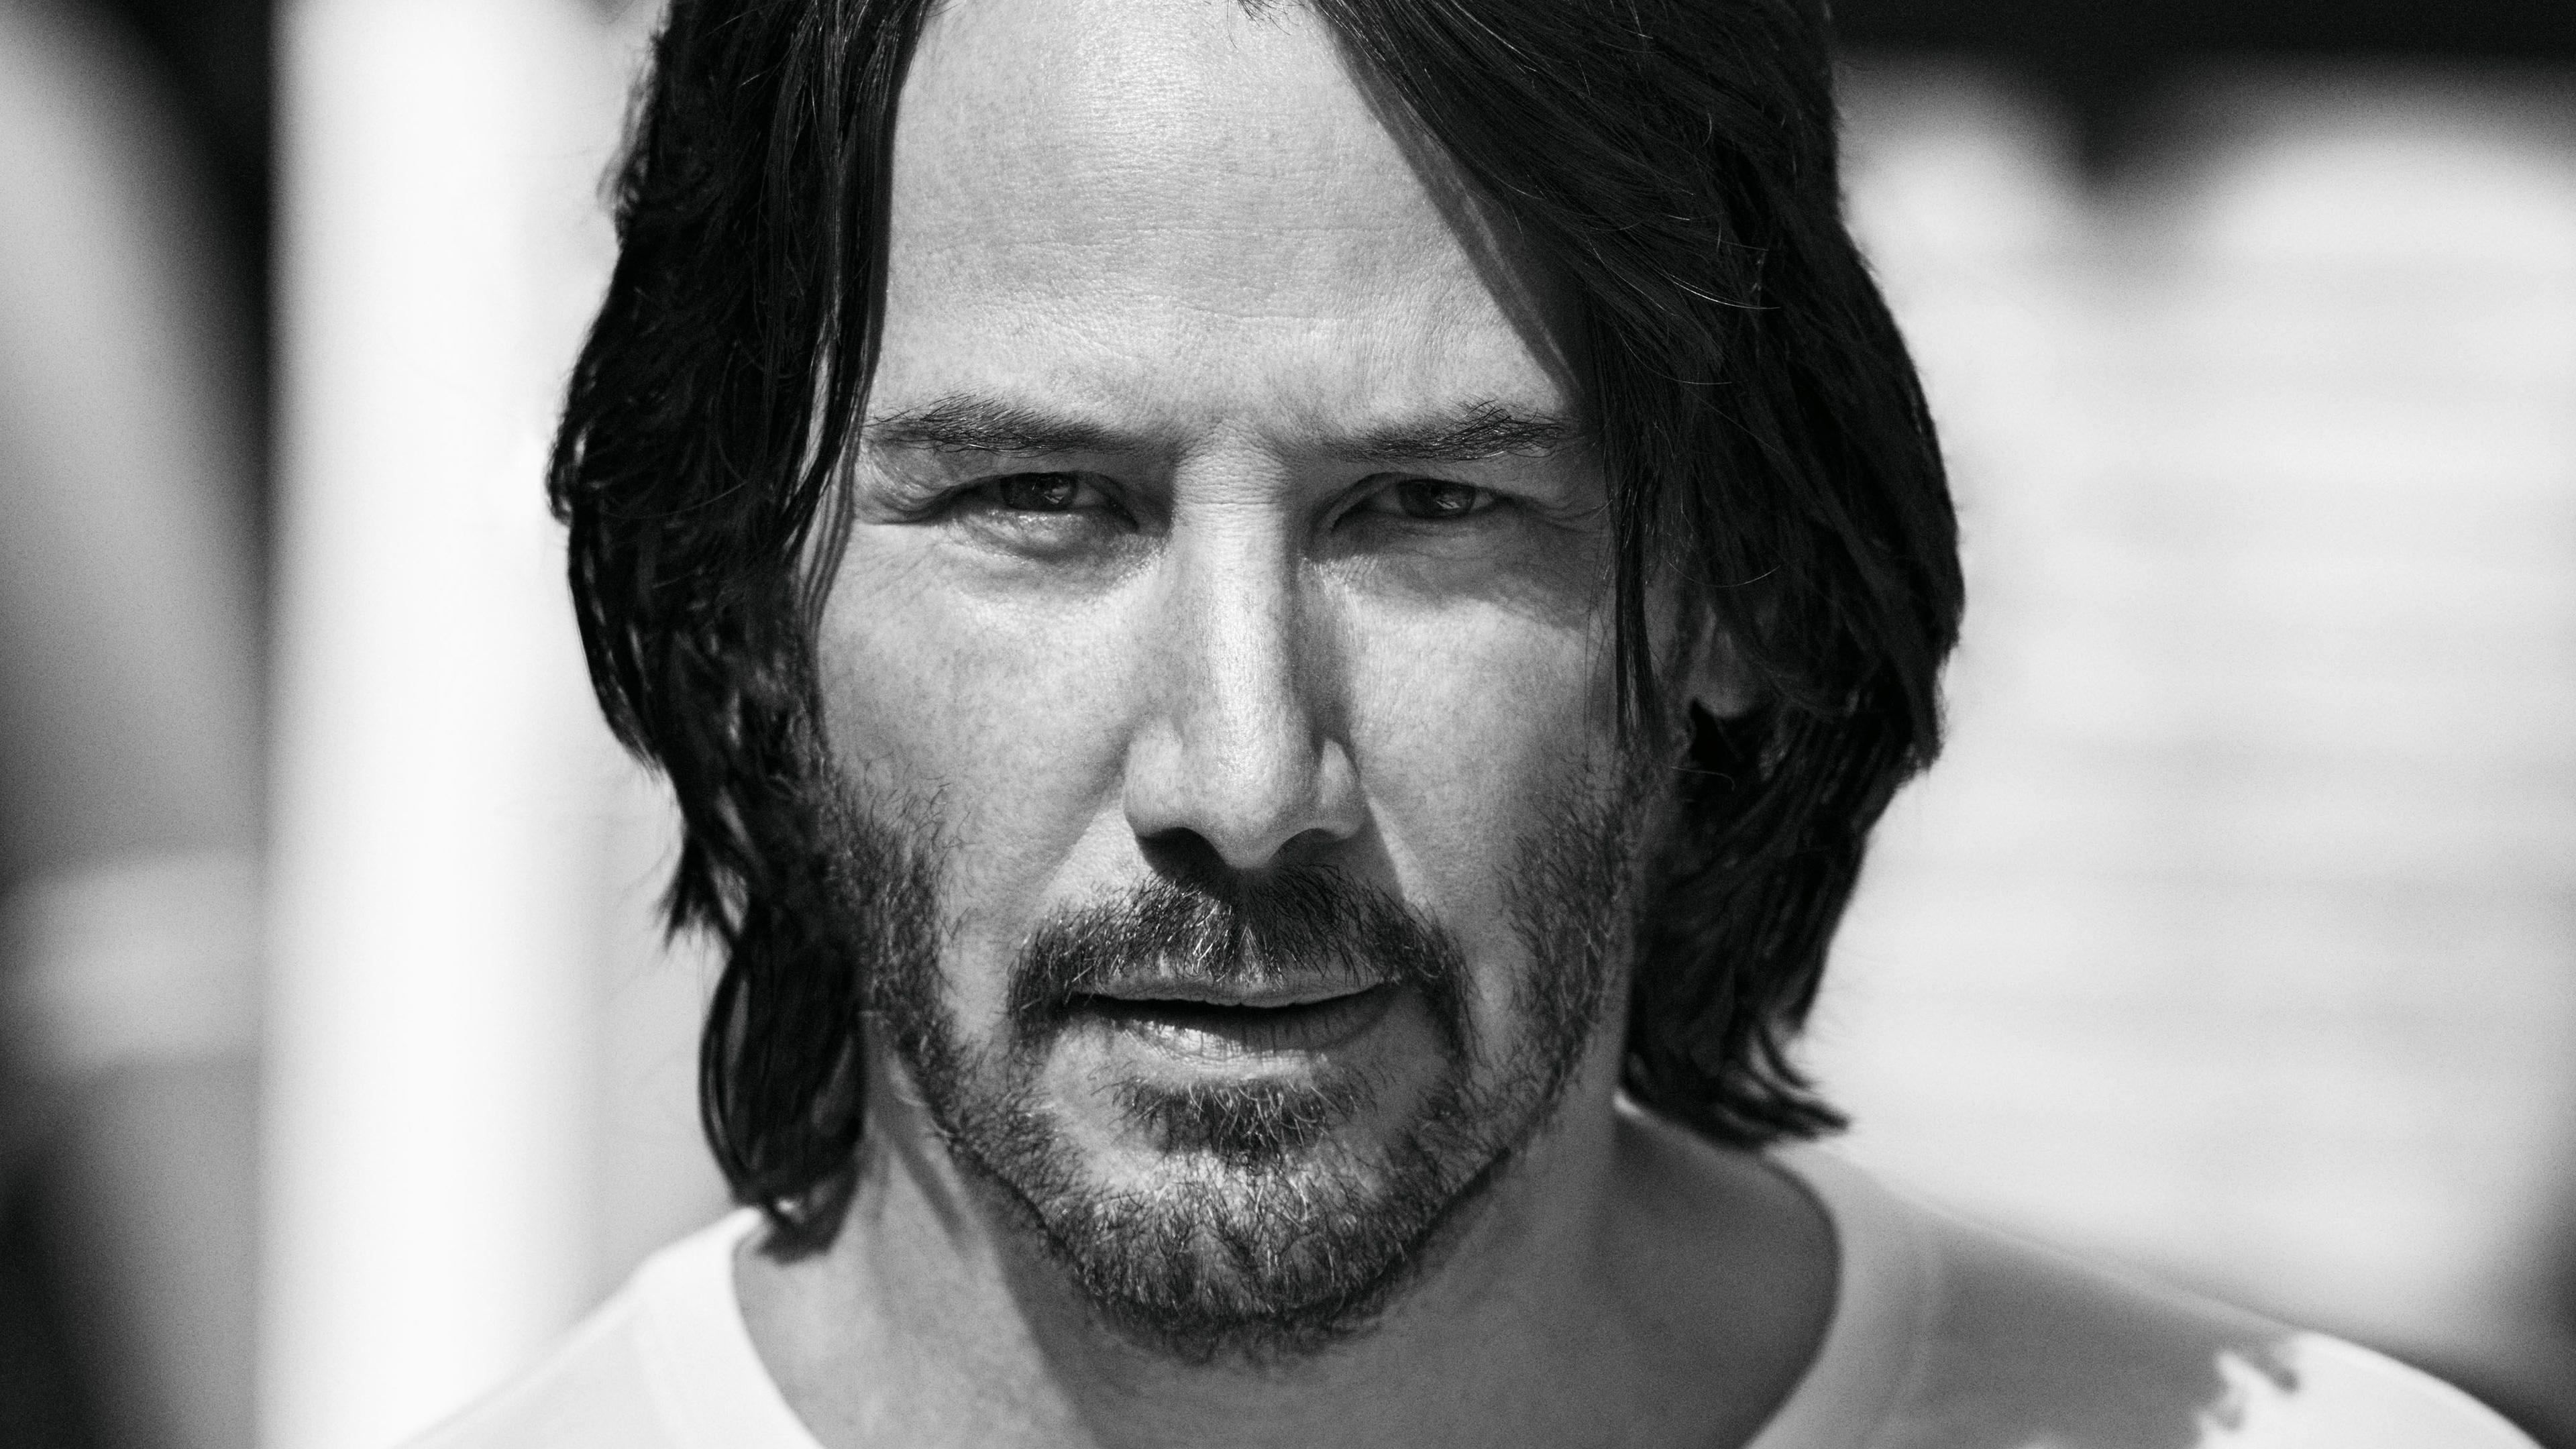 keanu reeves 4k 1536946114 - Keanu Reeves 4k - monochrome wallpapers, male celebrities wallpapers, keanu reeves wallpapers, hd-wallpapers, black and white wallpapers, 4k-wallpapers